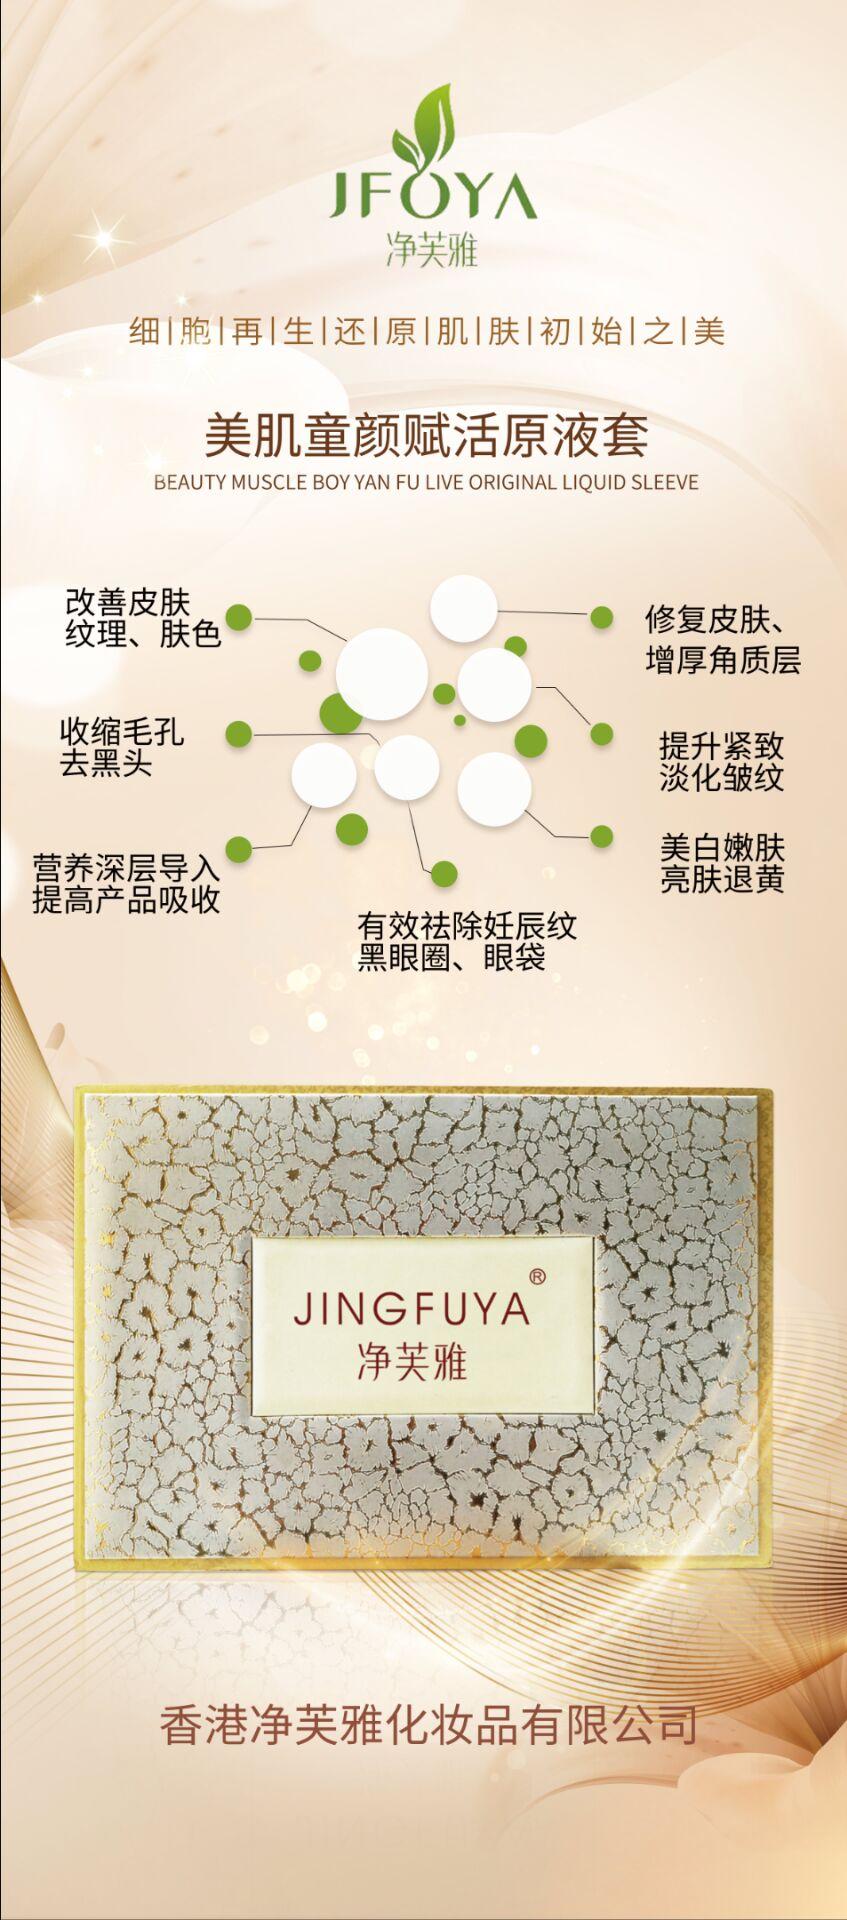 中藥無副作用面膜 香港口碑好的中藥面膜品牌